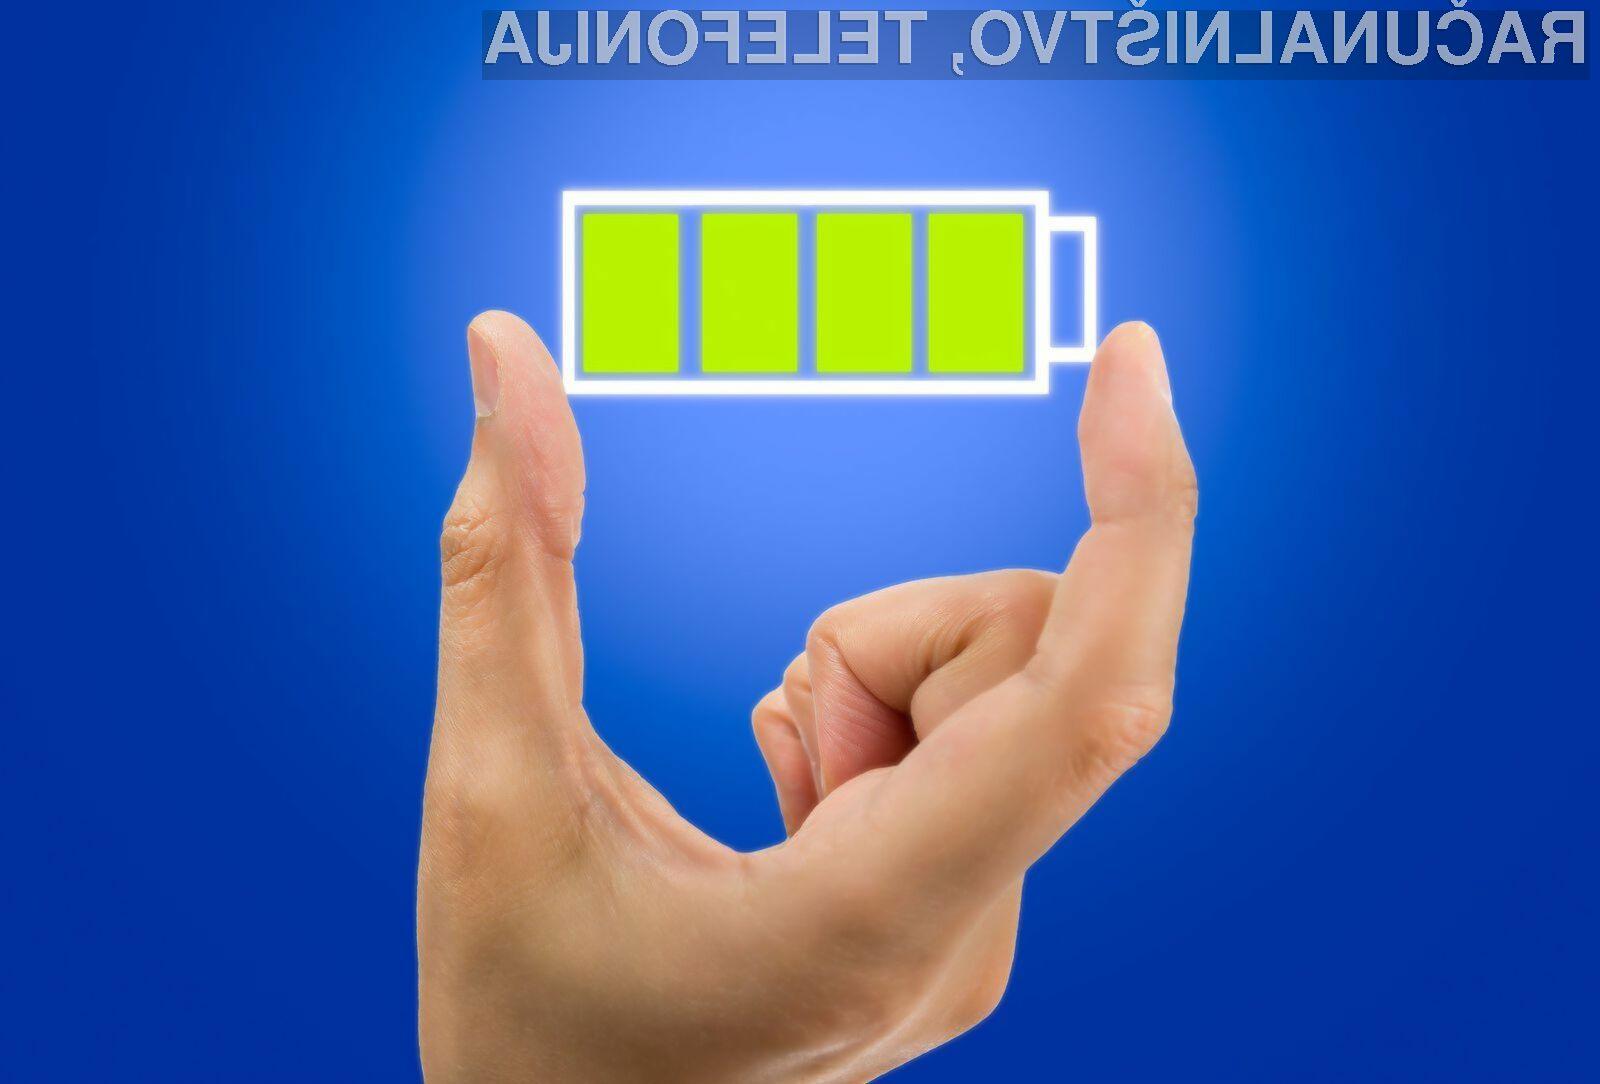 Z uporabo posebnih materialov je mogoče doseči, da se baterija med polnjenjem celo obnavlja.